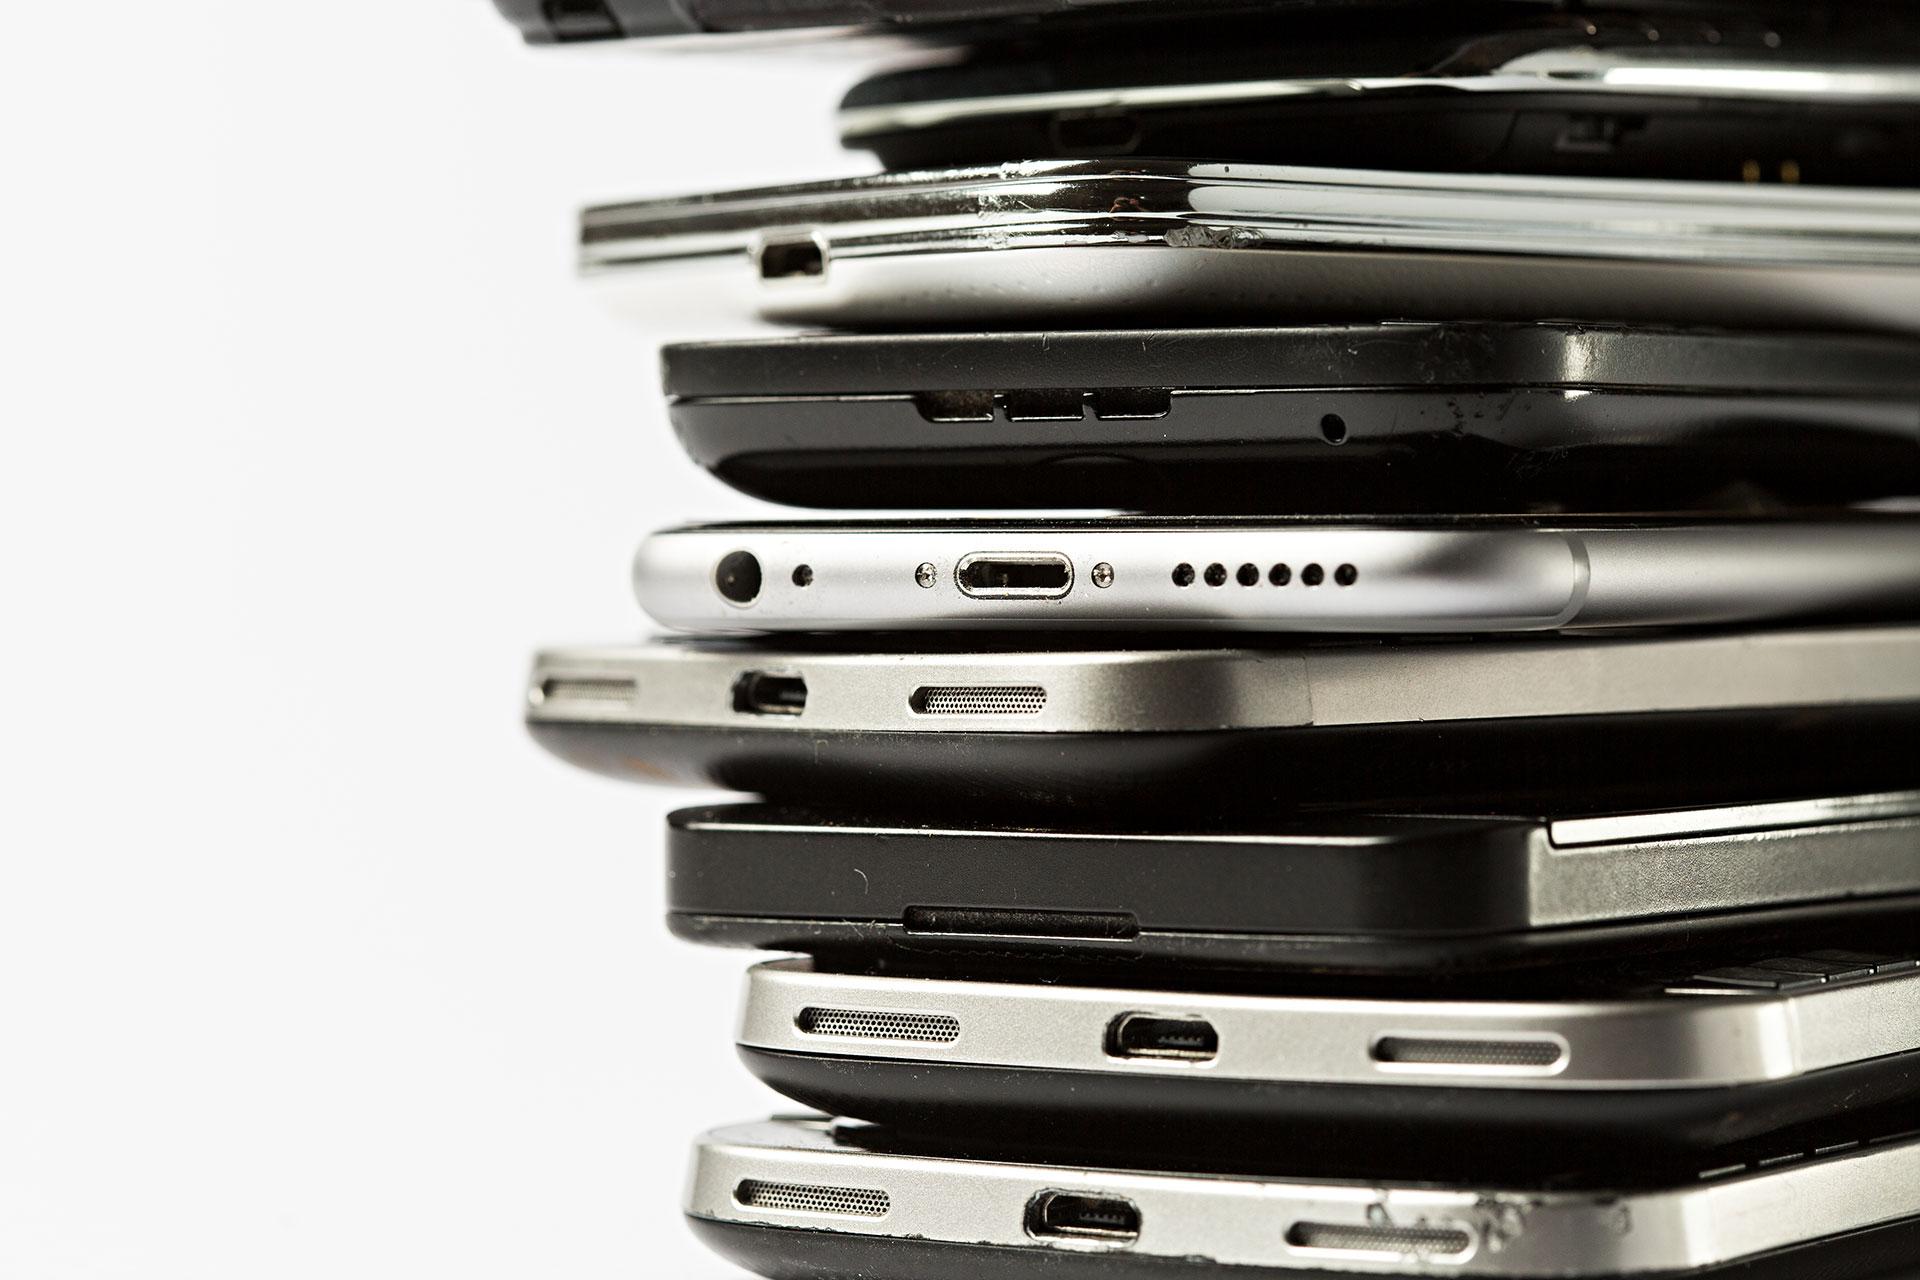 Broken smartphones. © Fred Dott / Greenpeace